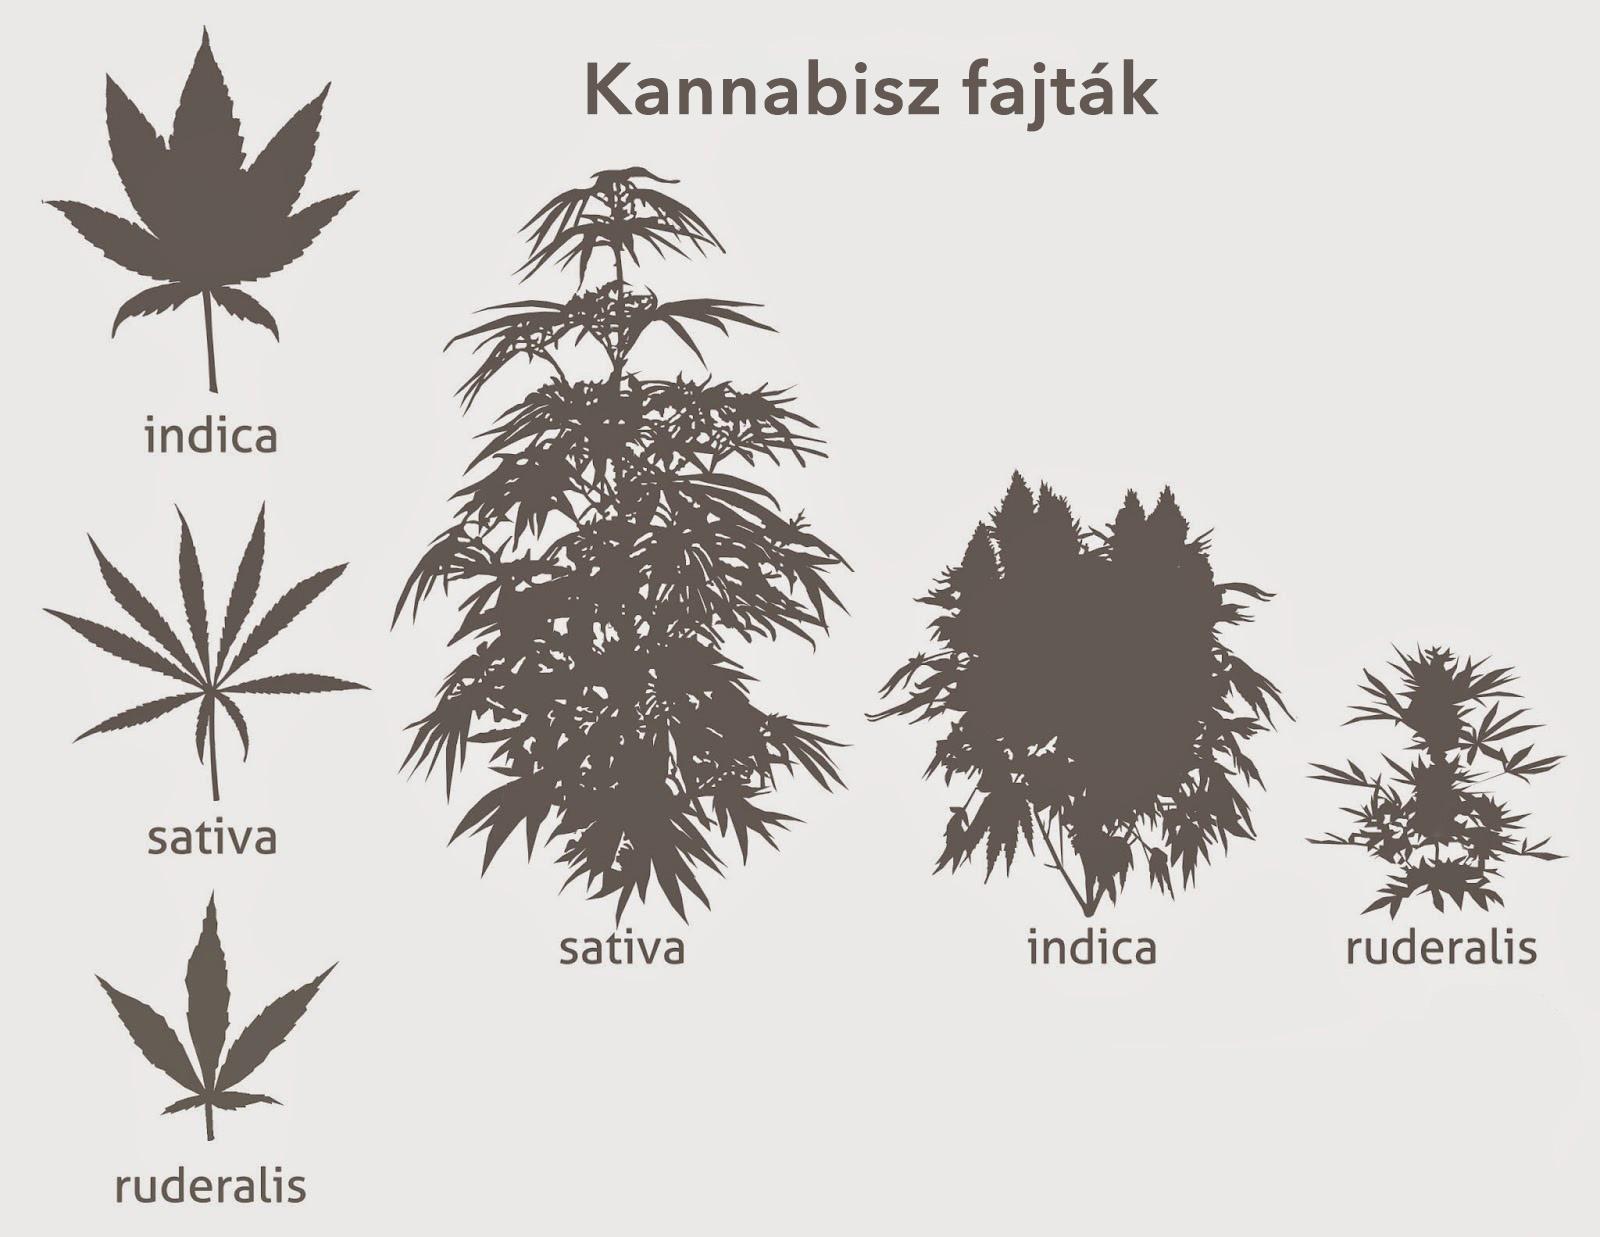 marihuána méregtelenítés hagyományos orvoslás pinworms